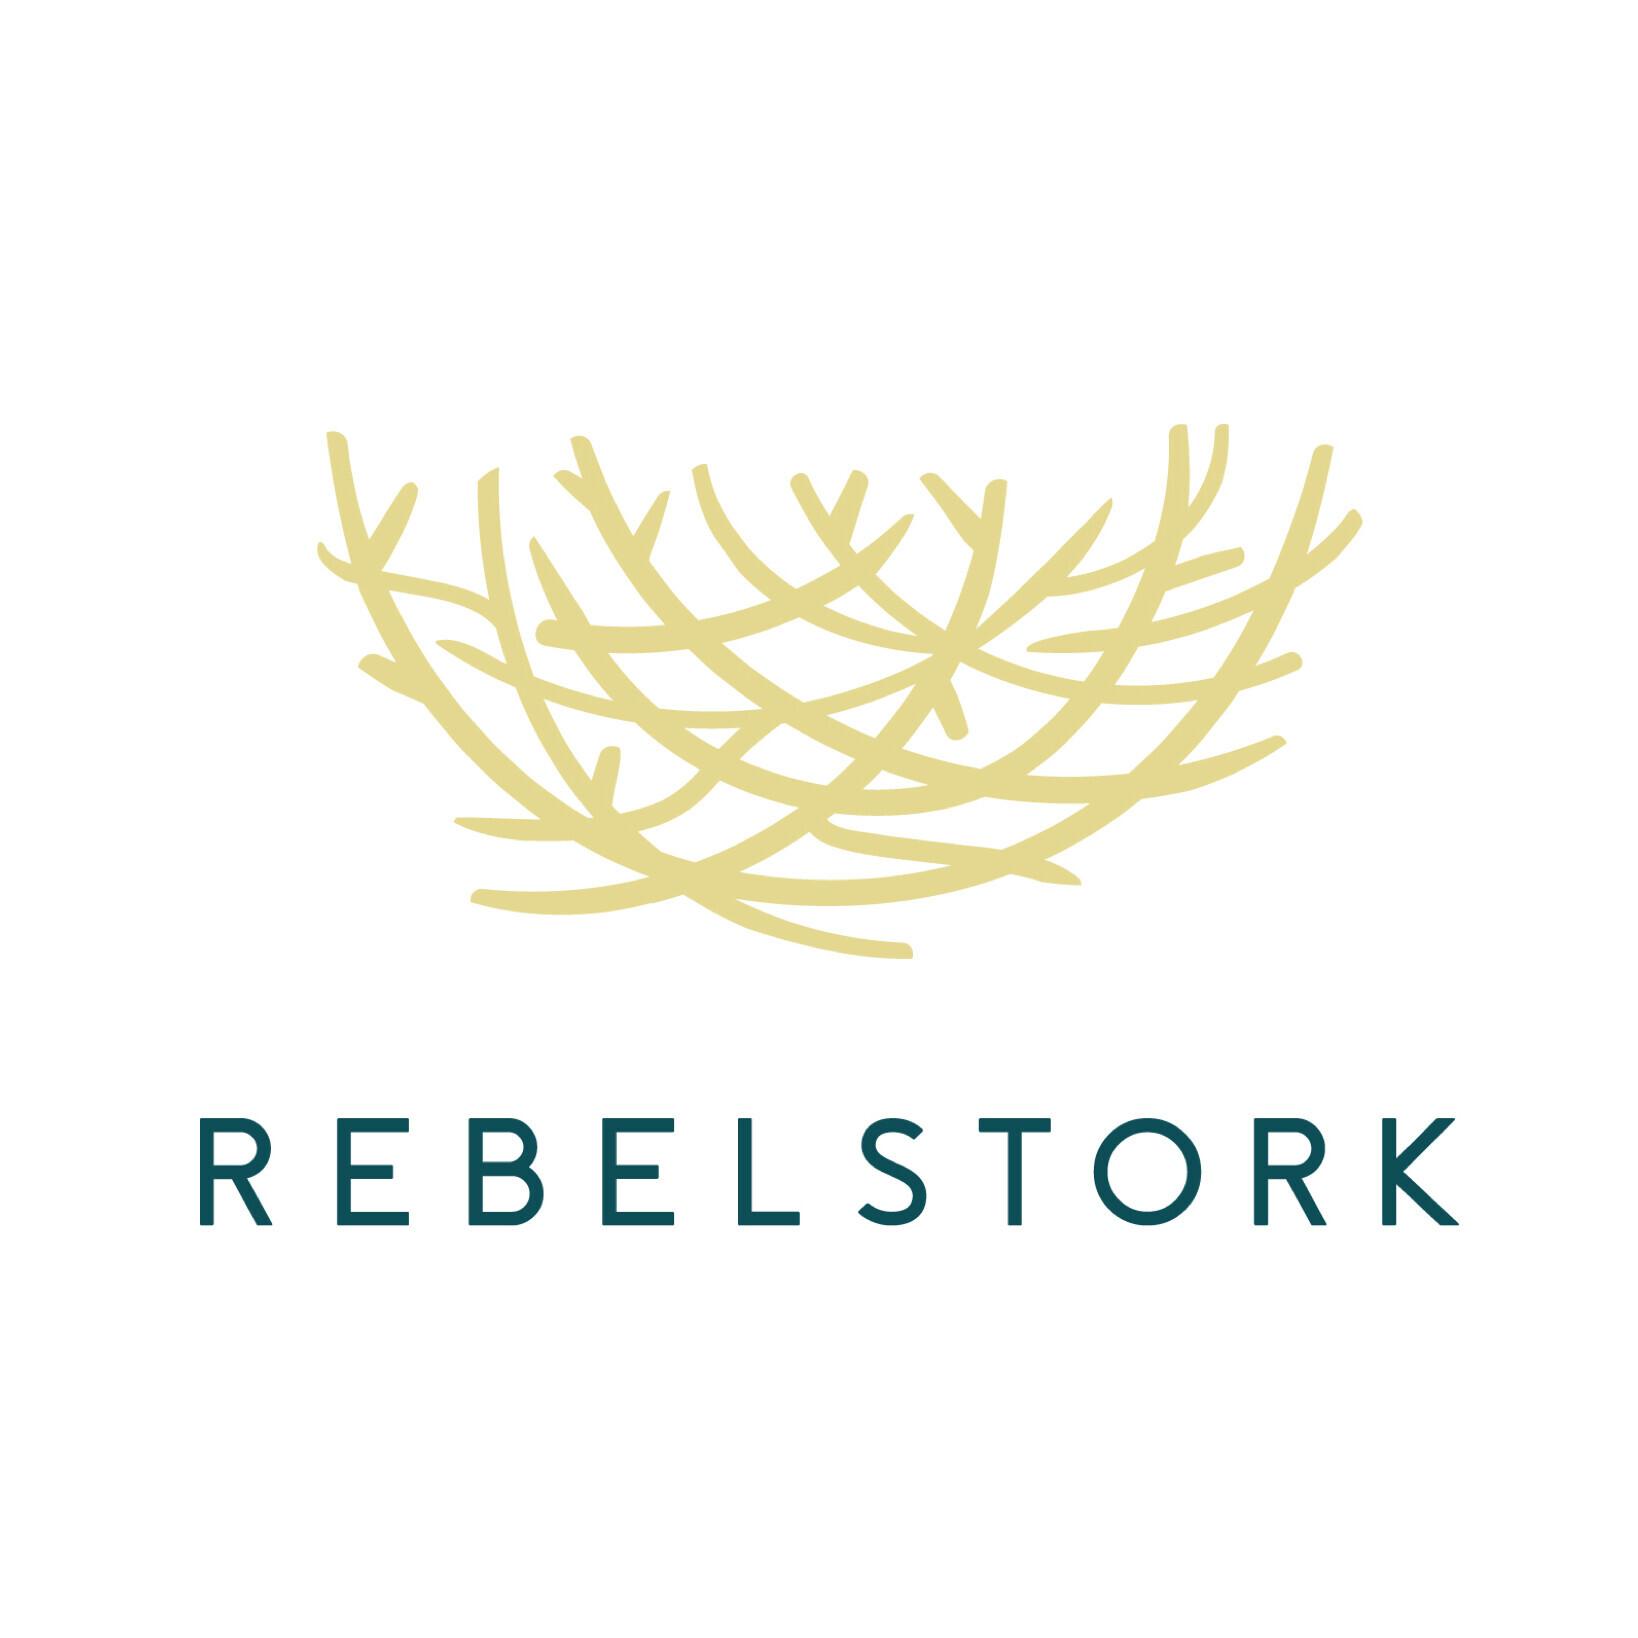 Rebelstork